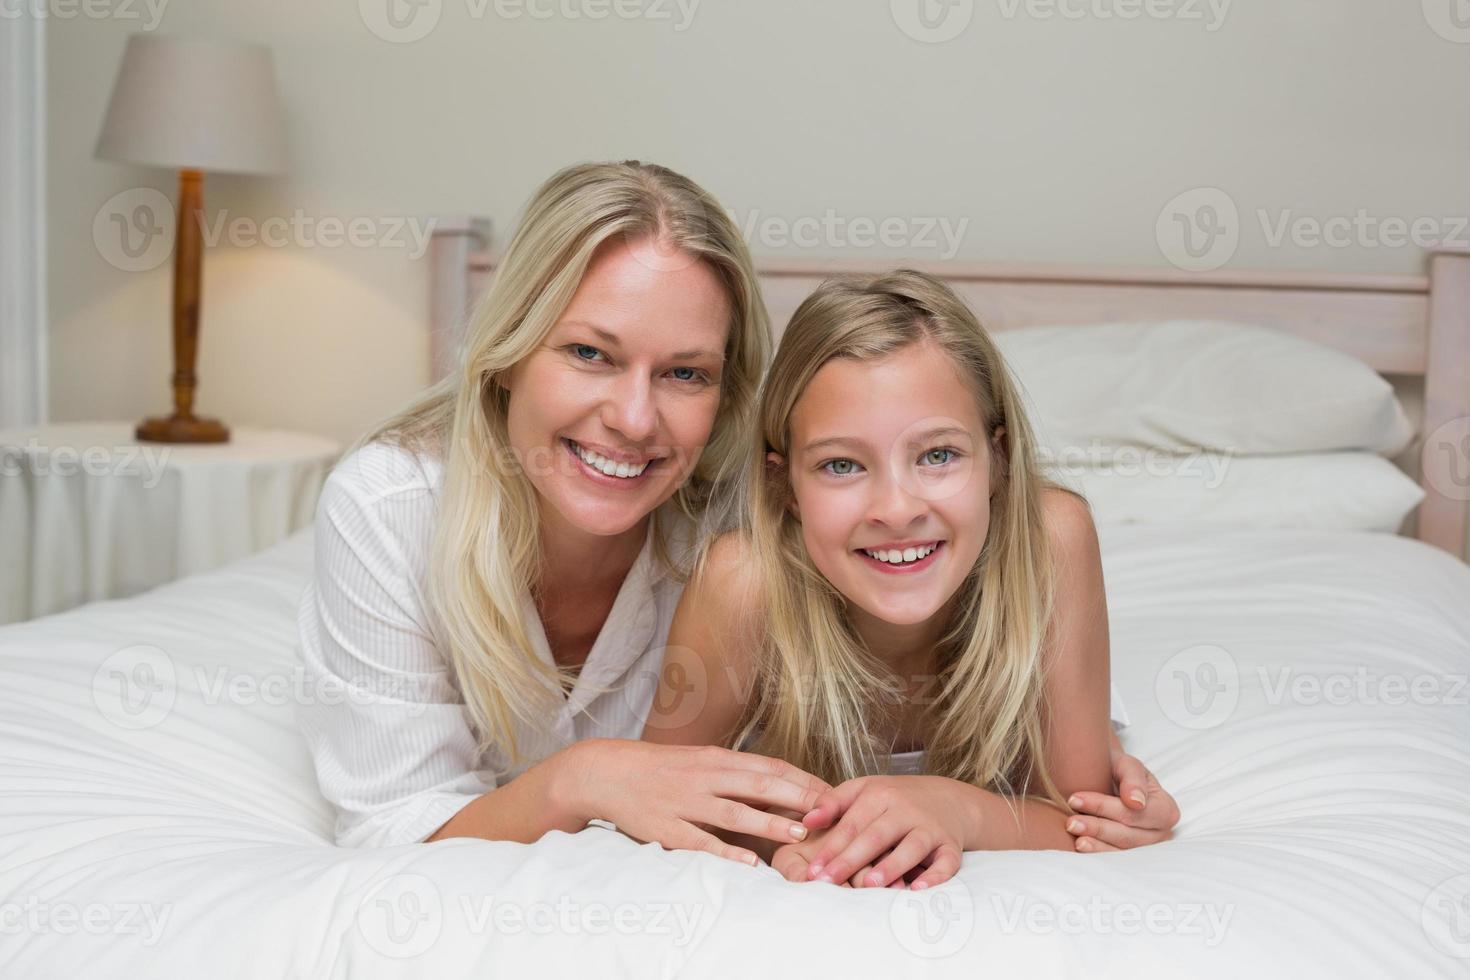 vrouw met dochter thuis in bed liggen foto